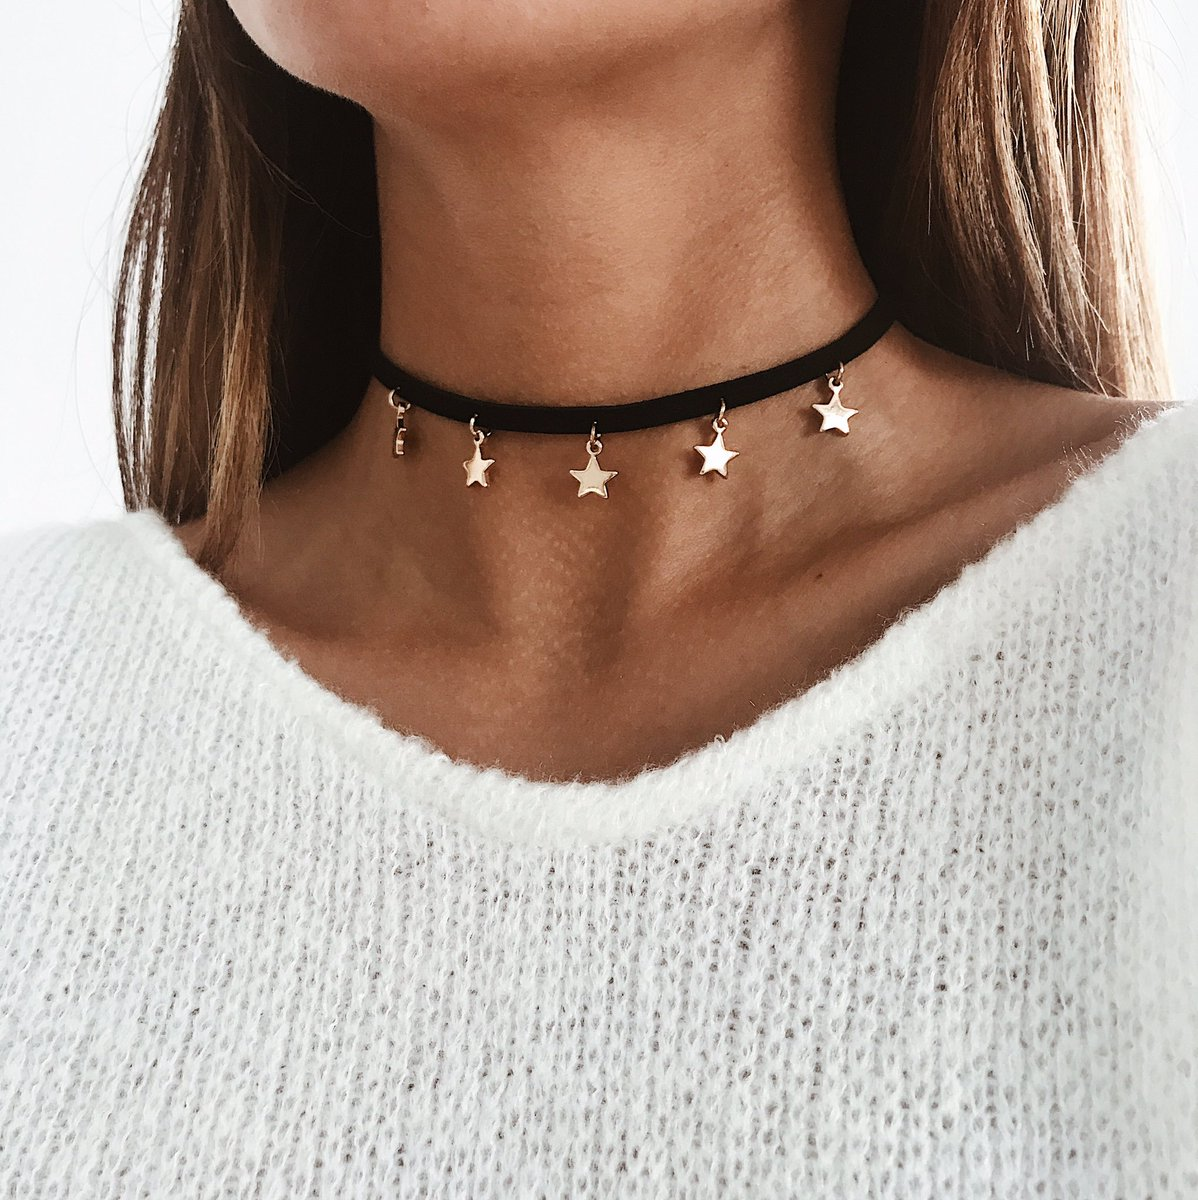 5e9dc769aab26 Stargaze Jewelry on Twitter: